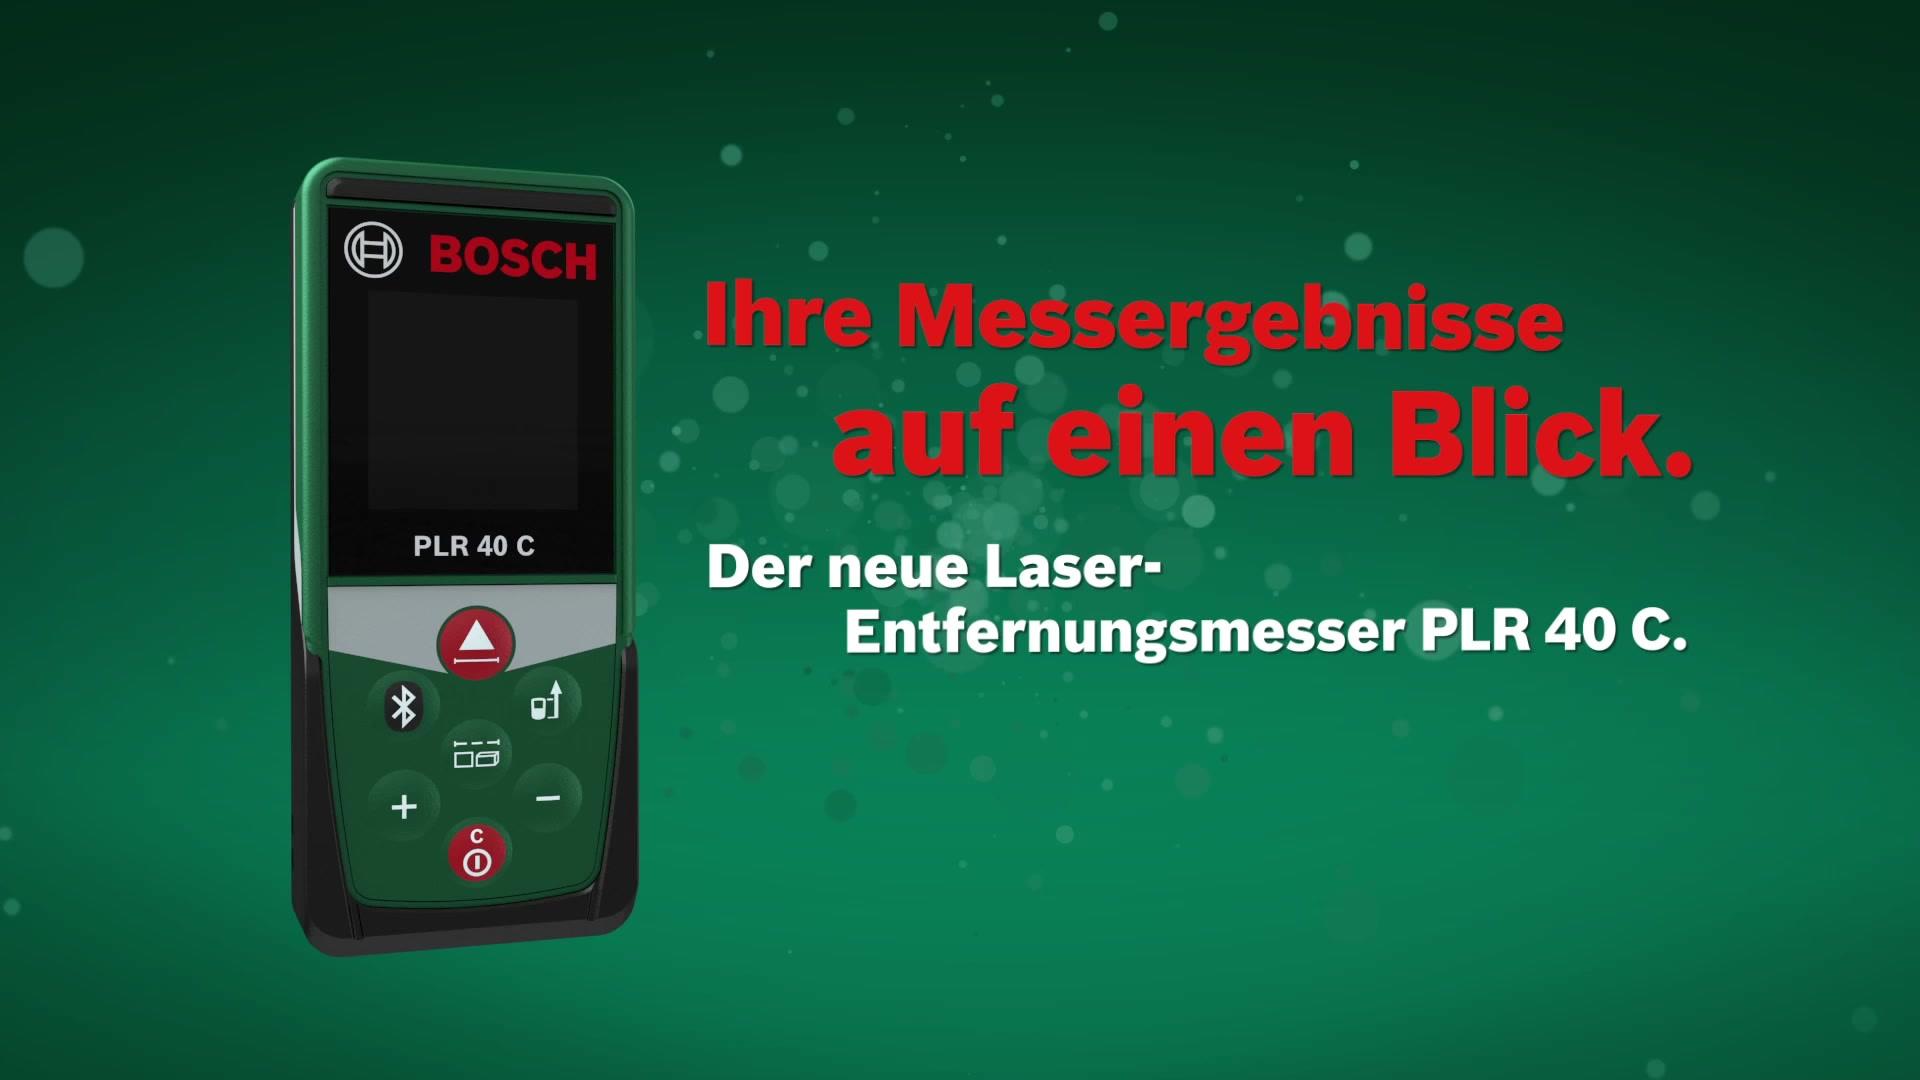 Bosch laser entfernungsmesser »plr 40 c« hagebau.de